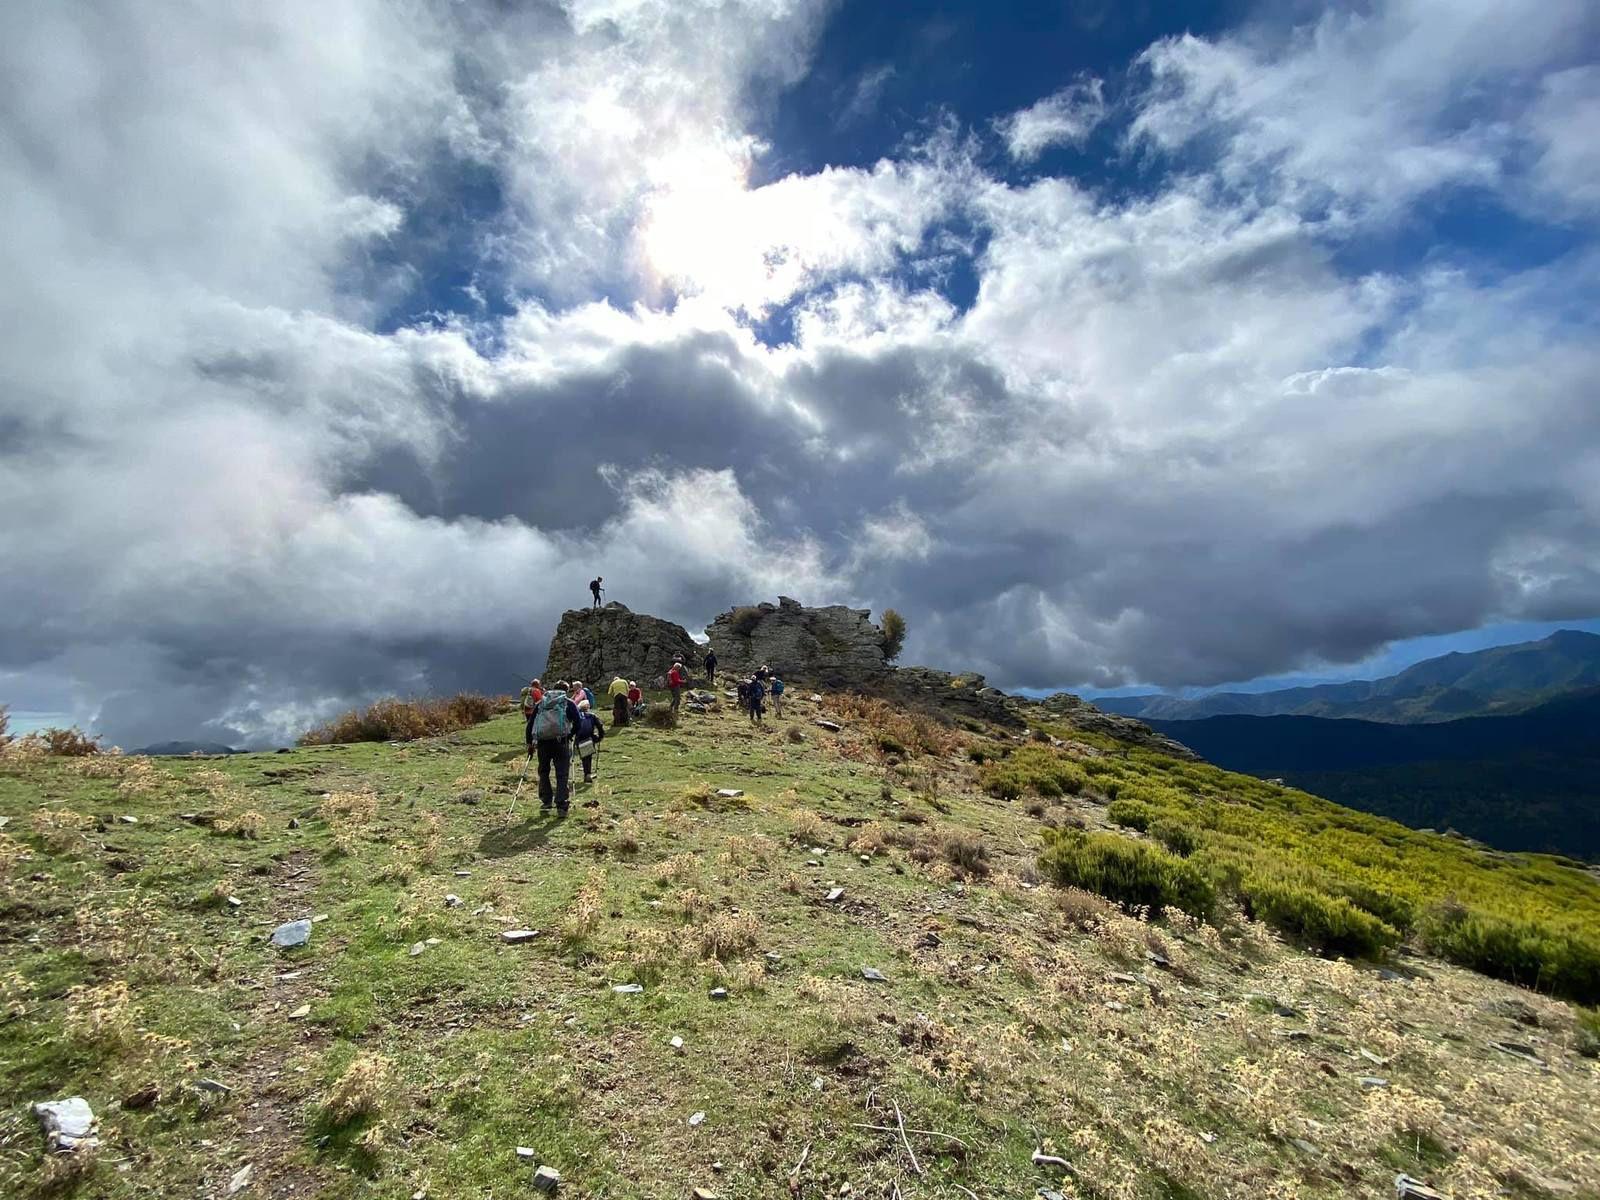 dimanche 18 octobre 2020,  Randonnée au dessus d'Erbajolo, Pointe de l'Orsaja via les cabanes de Peri